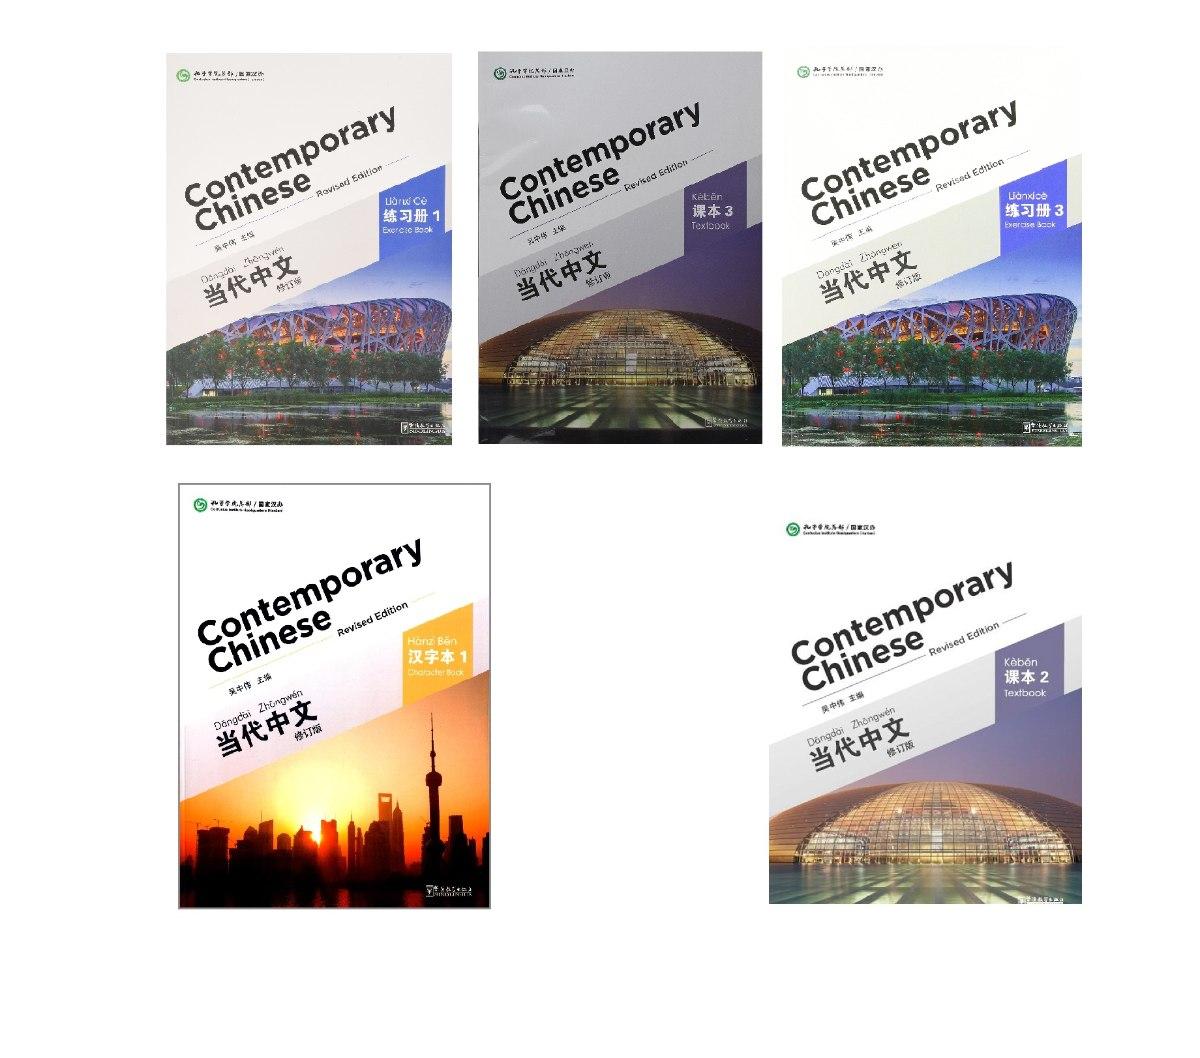 כל ספרי סינית עבור תלמידי שנה ב